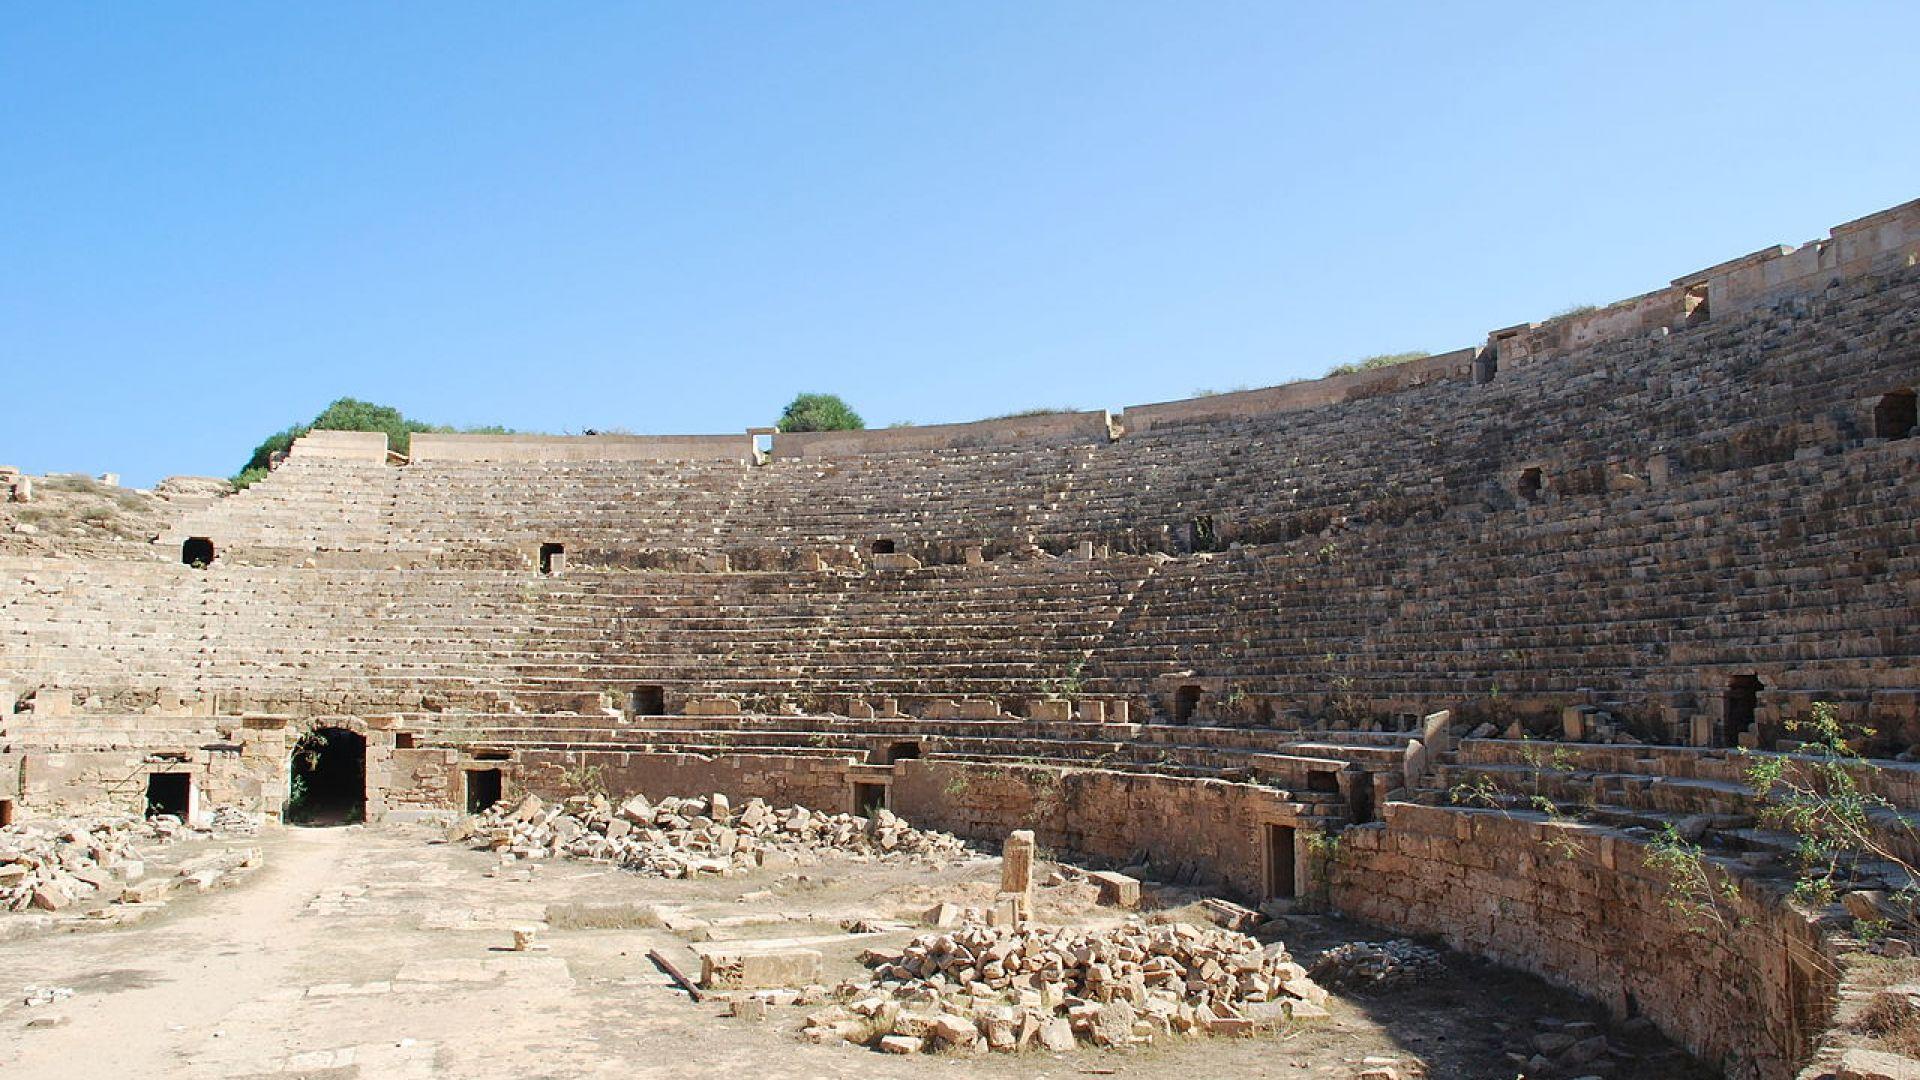 Вандализъм и немарливост съсипват безценни археологически обекти в Либия